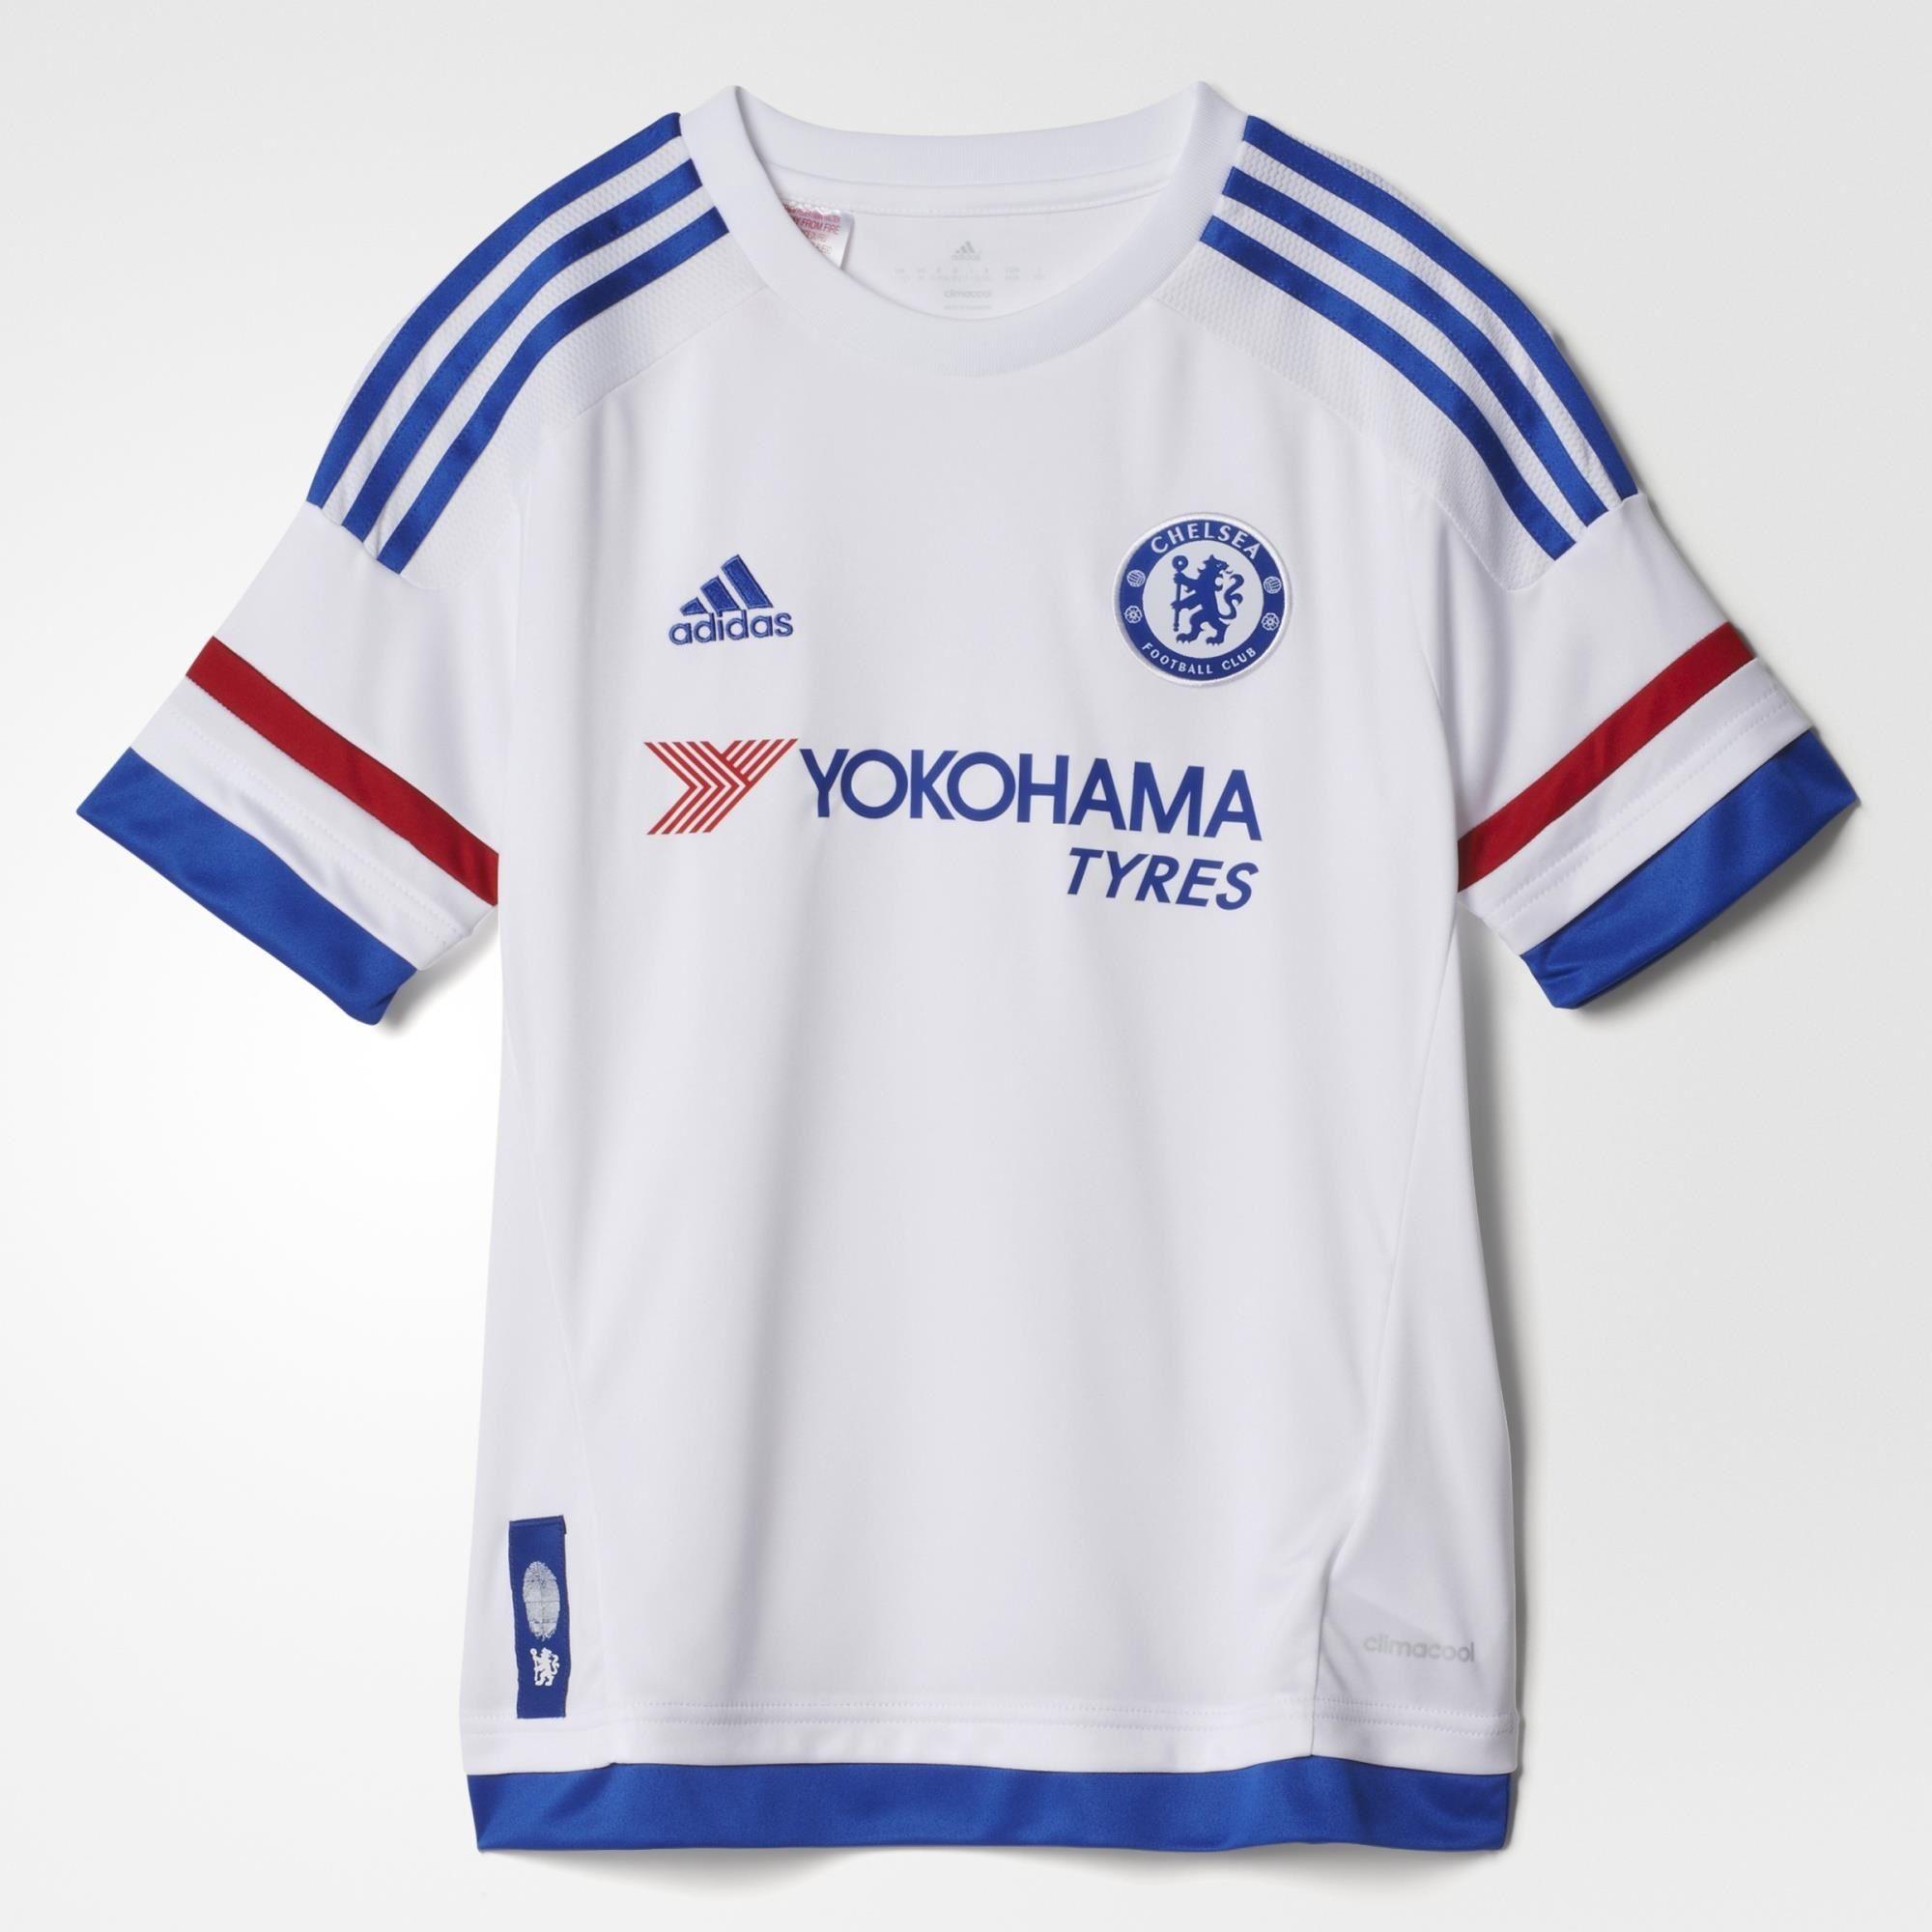 chelsea replica jersey - allusionsstl.com d4eda8ddc